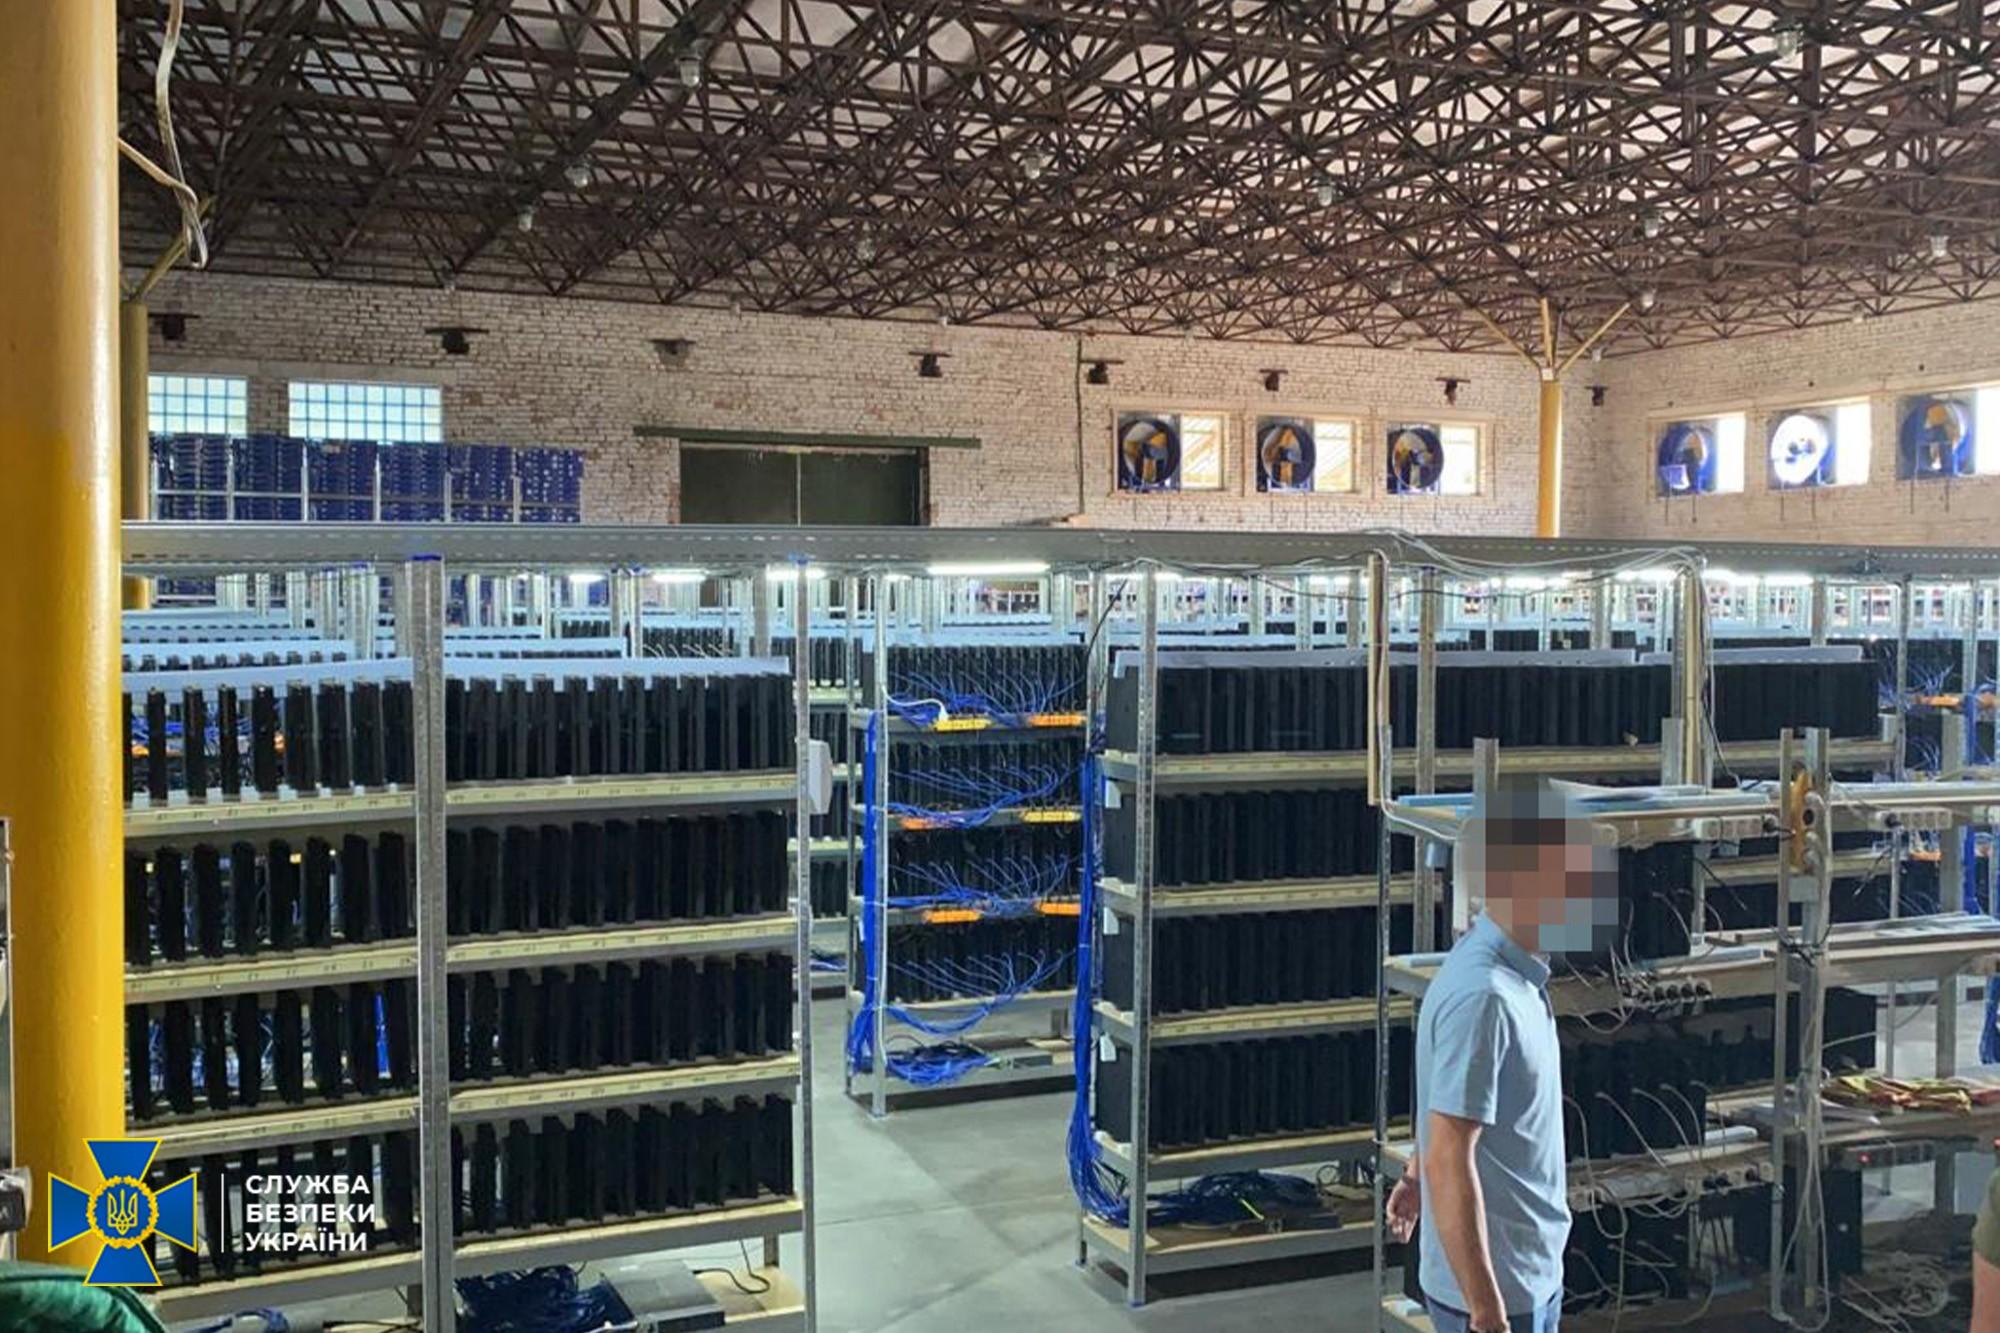 Cum arată o fermă de criptomonede cu mii de console PS4 Pro. Curentul electric furat, suficient pentru un oraș cât Satu Mare.